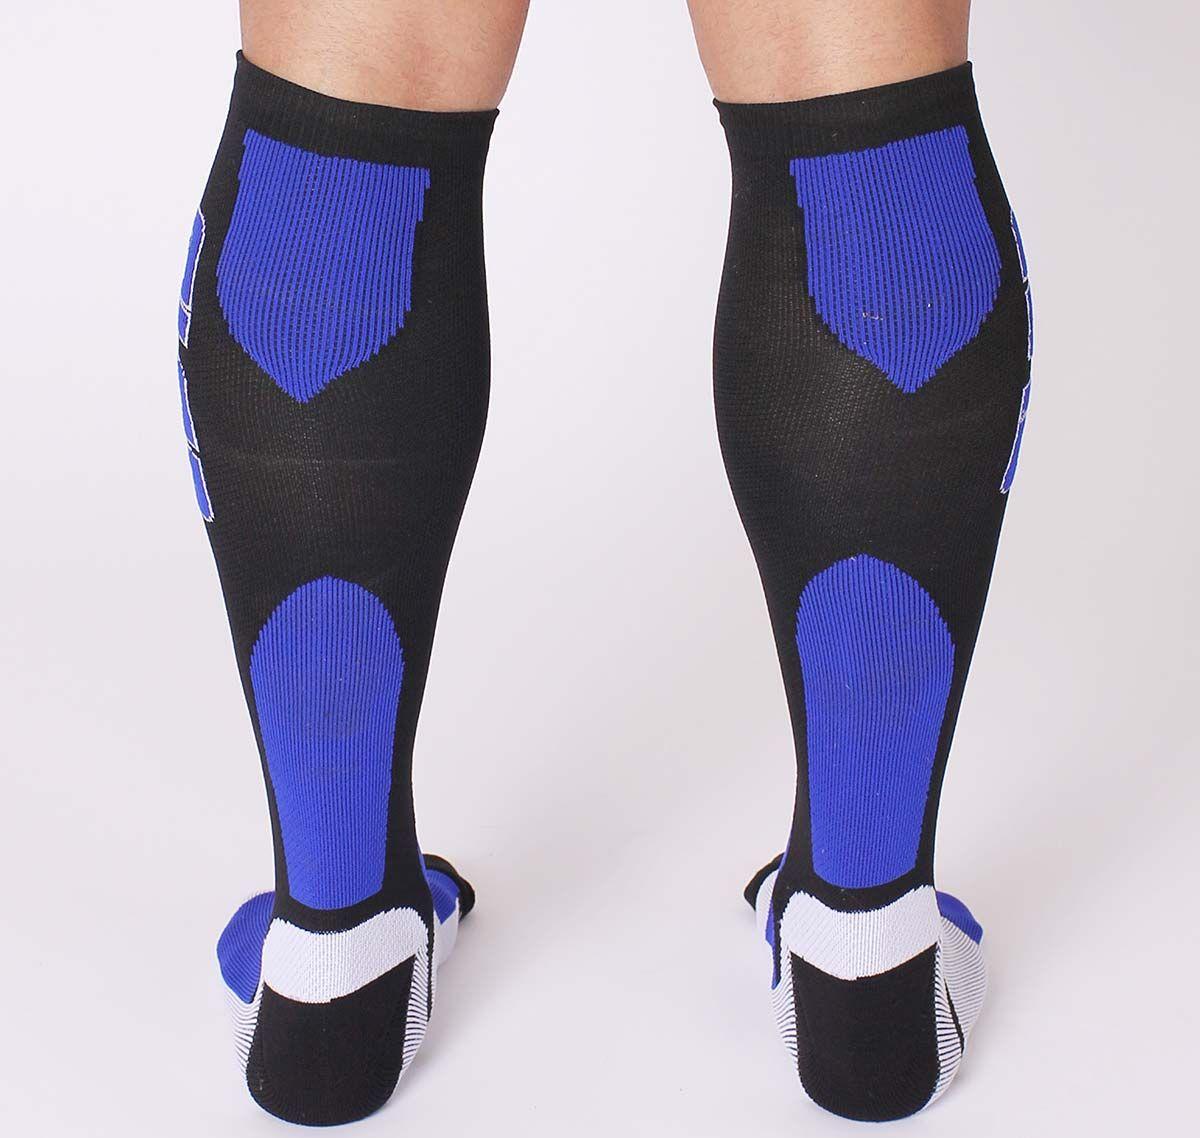 Cellblock 13 Chaussettes de sport ARSENAL KNEE HIGH SOCK, bleu